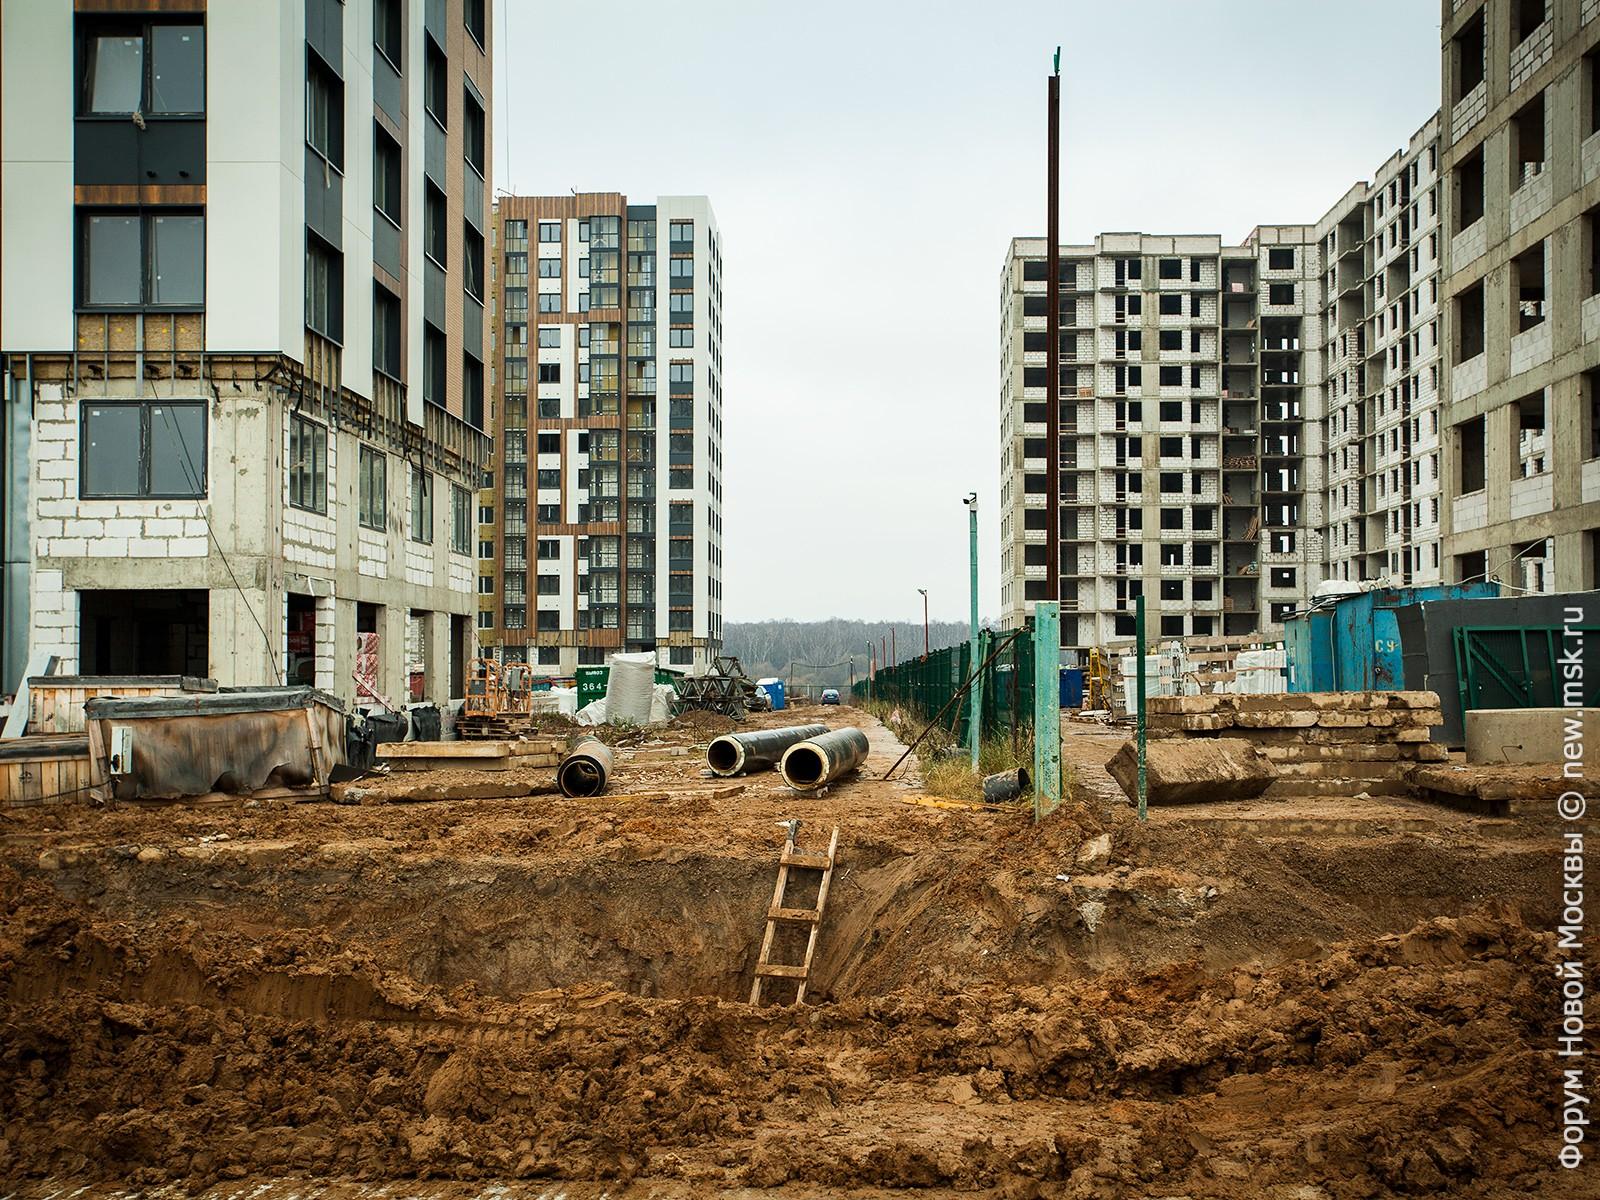 ЖК «Южное Бунино» подключен к сети Мосводоканала – жилой комплекс на финишной прямой